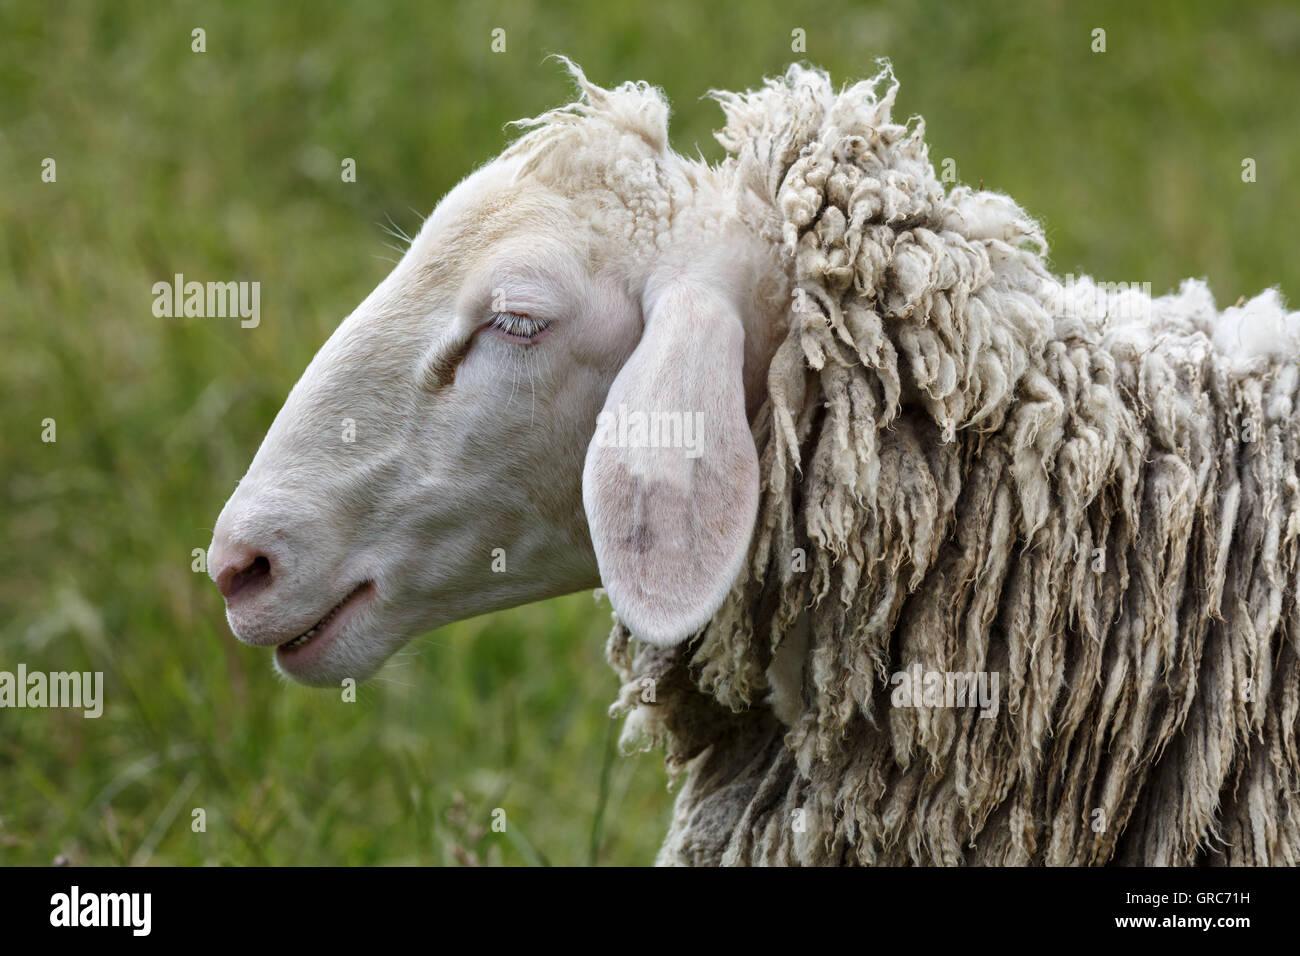 Merino Sheep - Stock Image